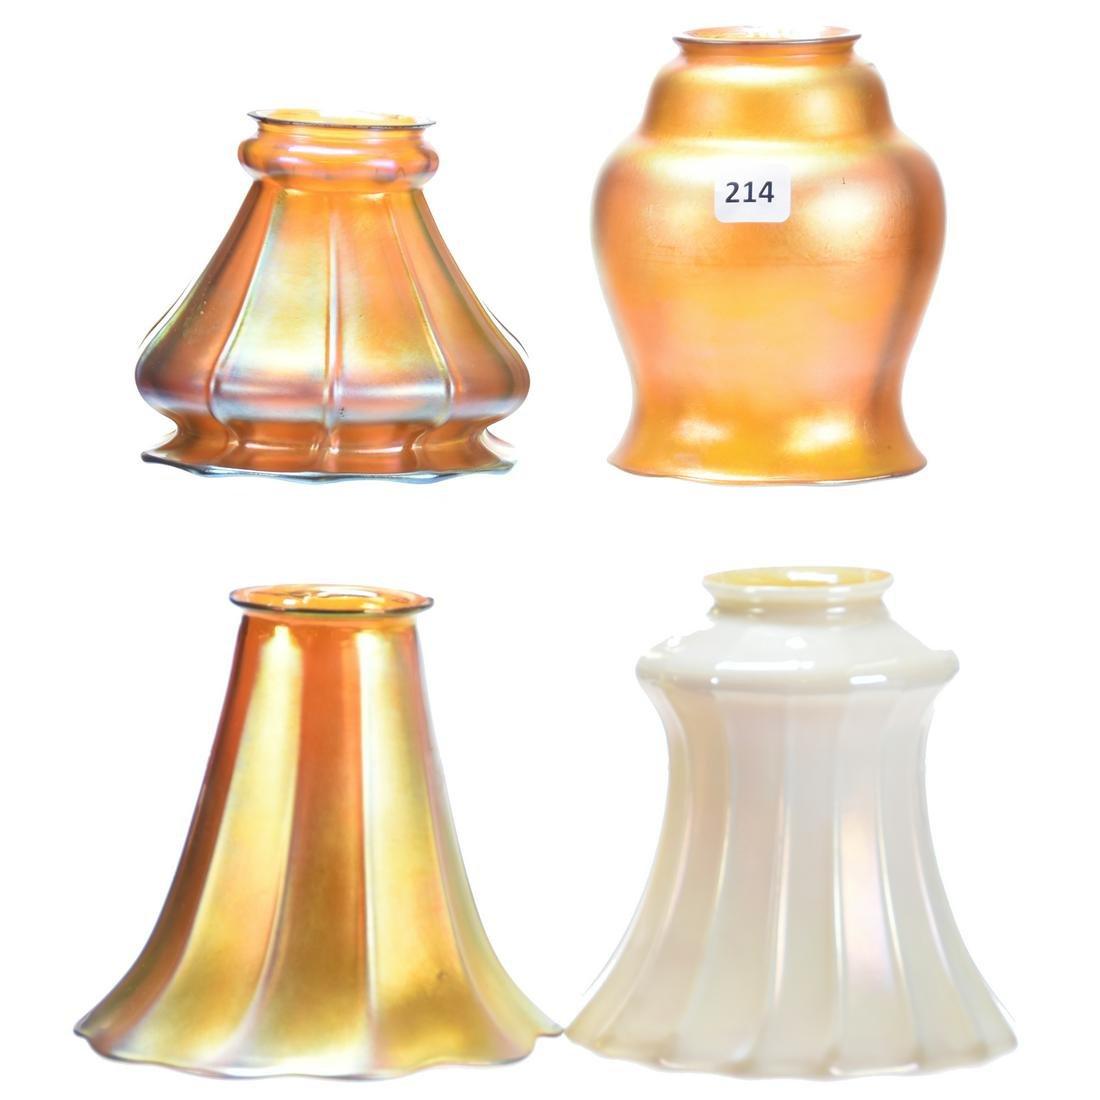 (4) Assorted Art Glass Light Shades